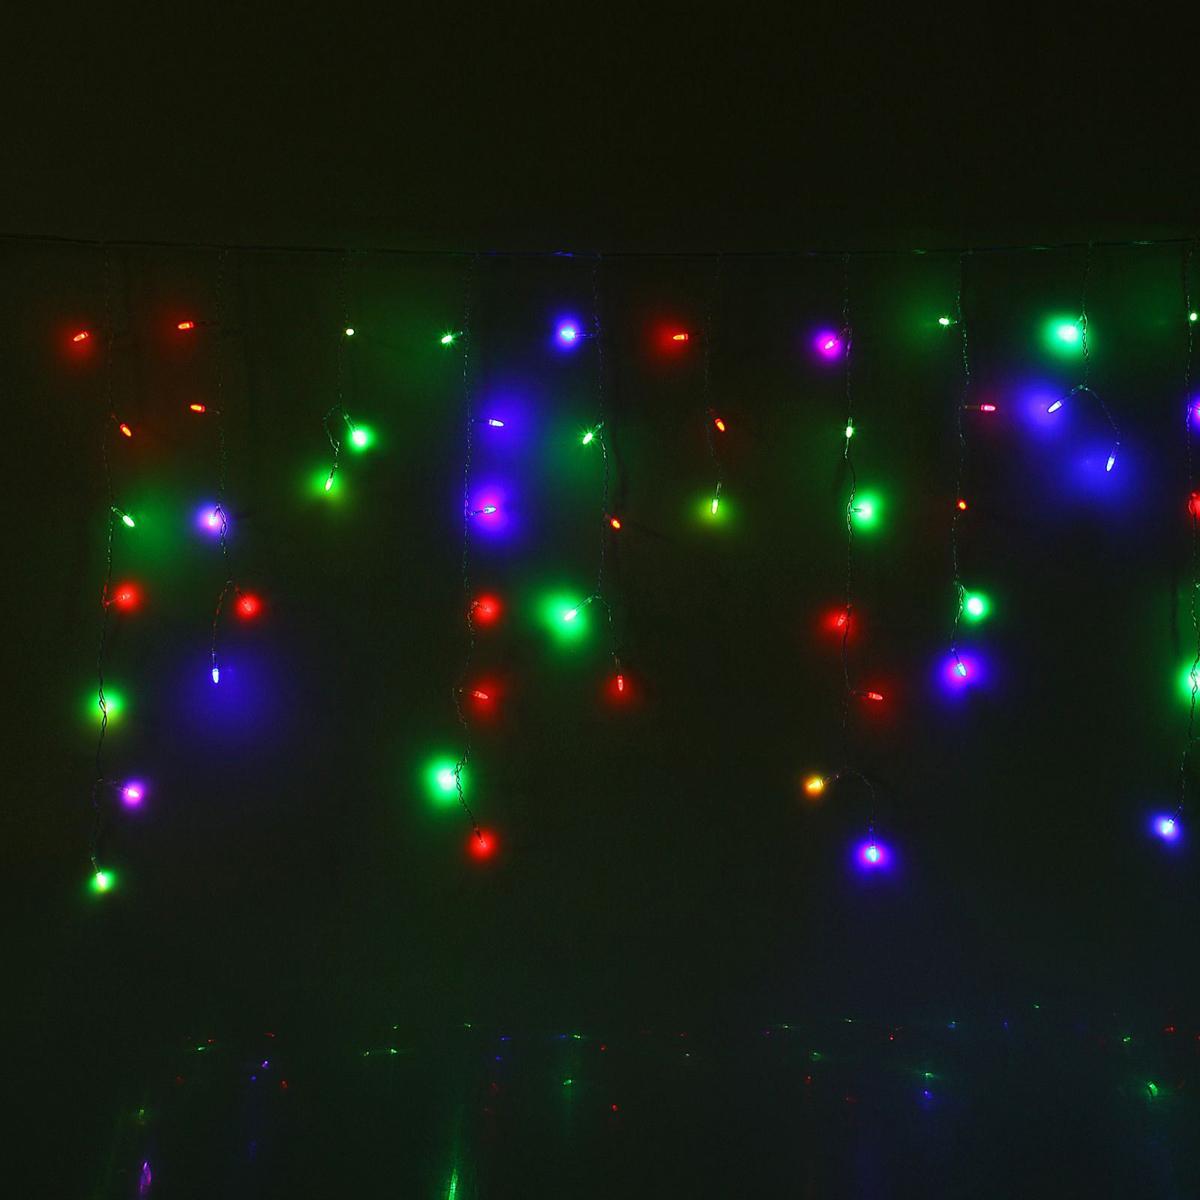 Гирлянда светодиодная Luazon Бахрома. Игла, моргающая, 60 ламп, 220 V, цвет: мультиколор, 1,2 х 0,6 м. 10805371431267Светодиодные гирлянды, ленты и т.д — это отличный вариант для новогоднего оформления интерьера или фасада. С их помощью помещение любого размера можно превратить в праздничный зал, а внешние элементы зданий, украшенные ими, мгновенно станут напоминать очертания сказочного дворца. Такие украшения создают ауру предвкушения чуда. Деревья, фасады, витрины, окна и арки будто специально созданы, чтобы вы украсили их светящимися нитями.